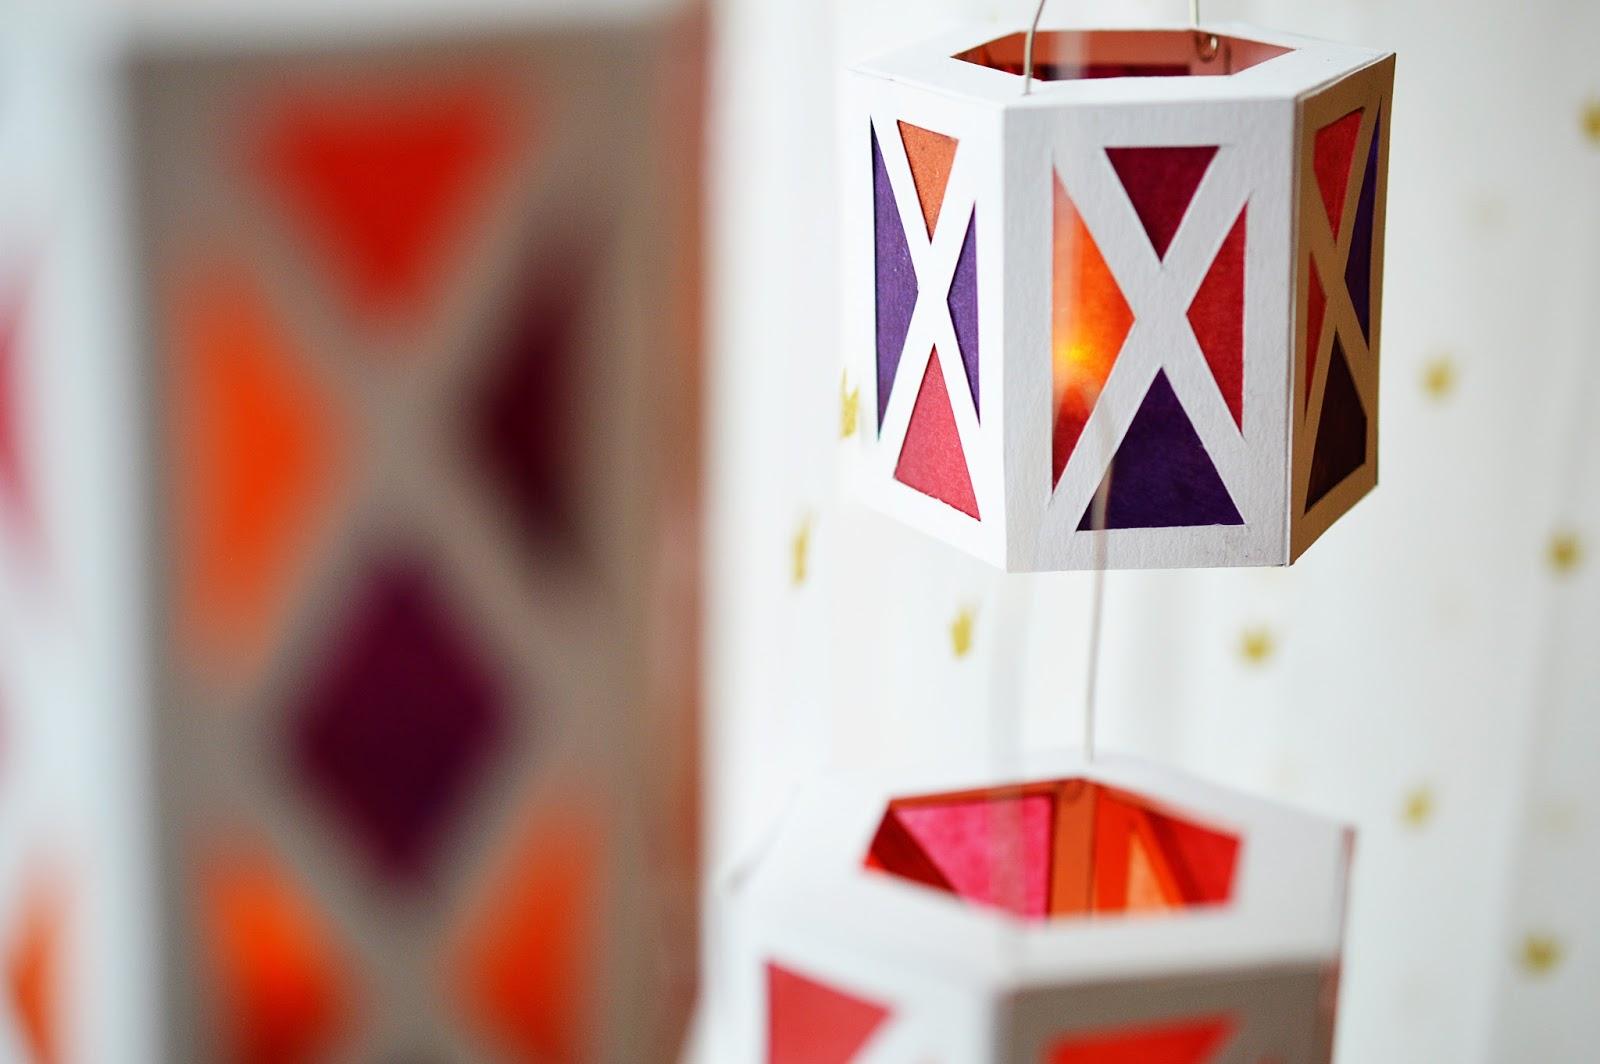 Lanterna de papel para decoração pode ter o estilo que você desejar (Foto: mottesblog.blogspot.de)